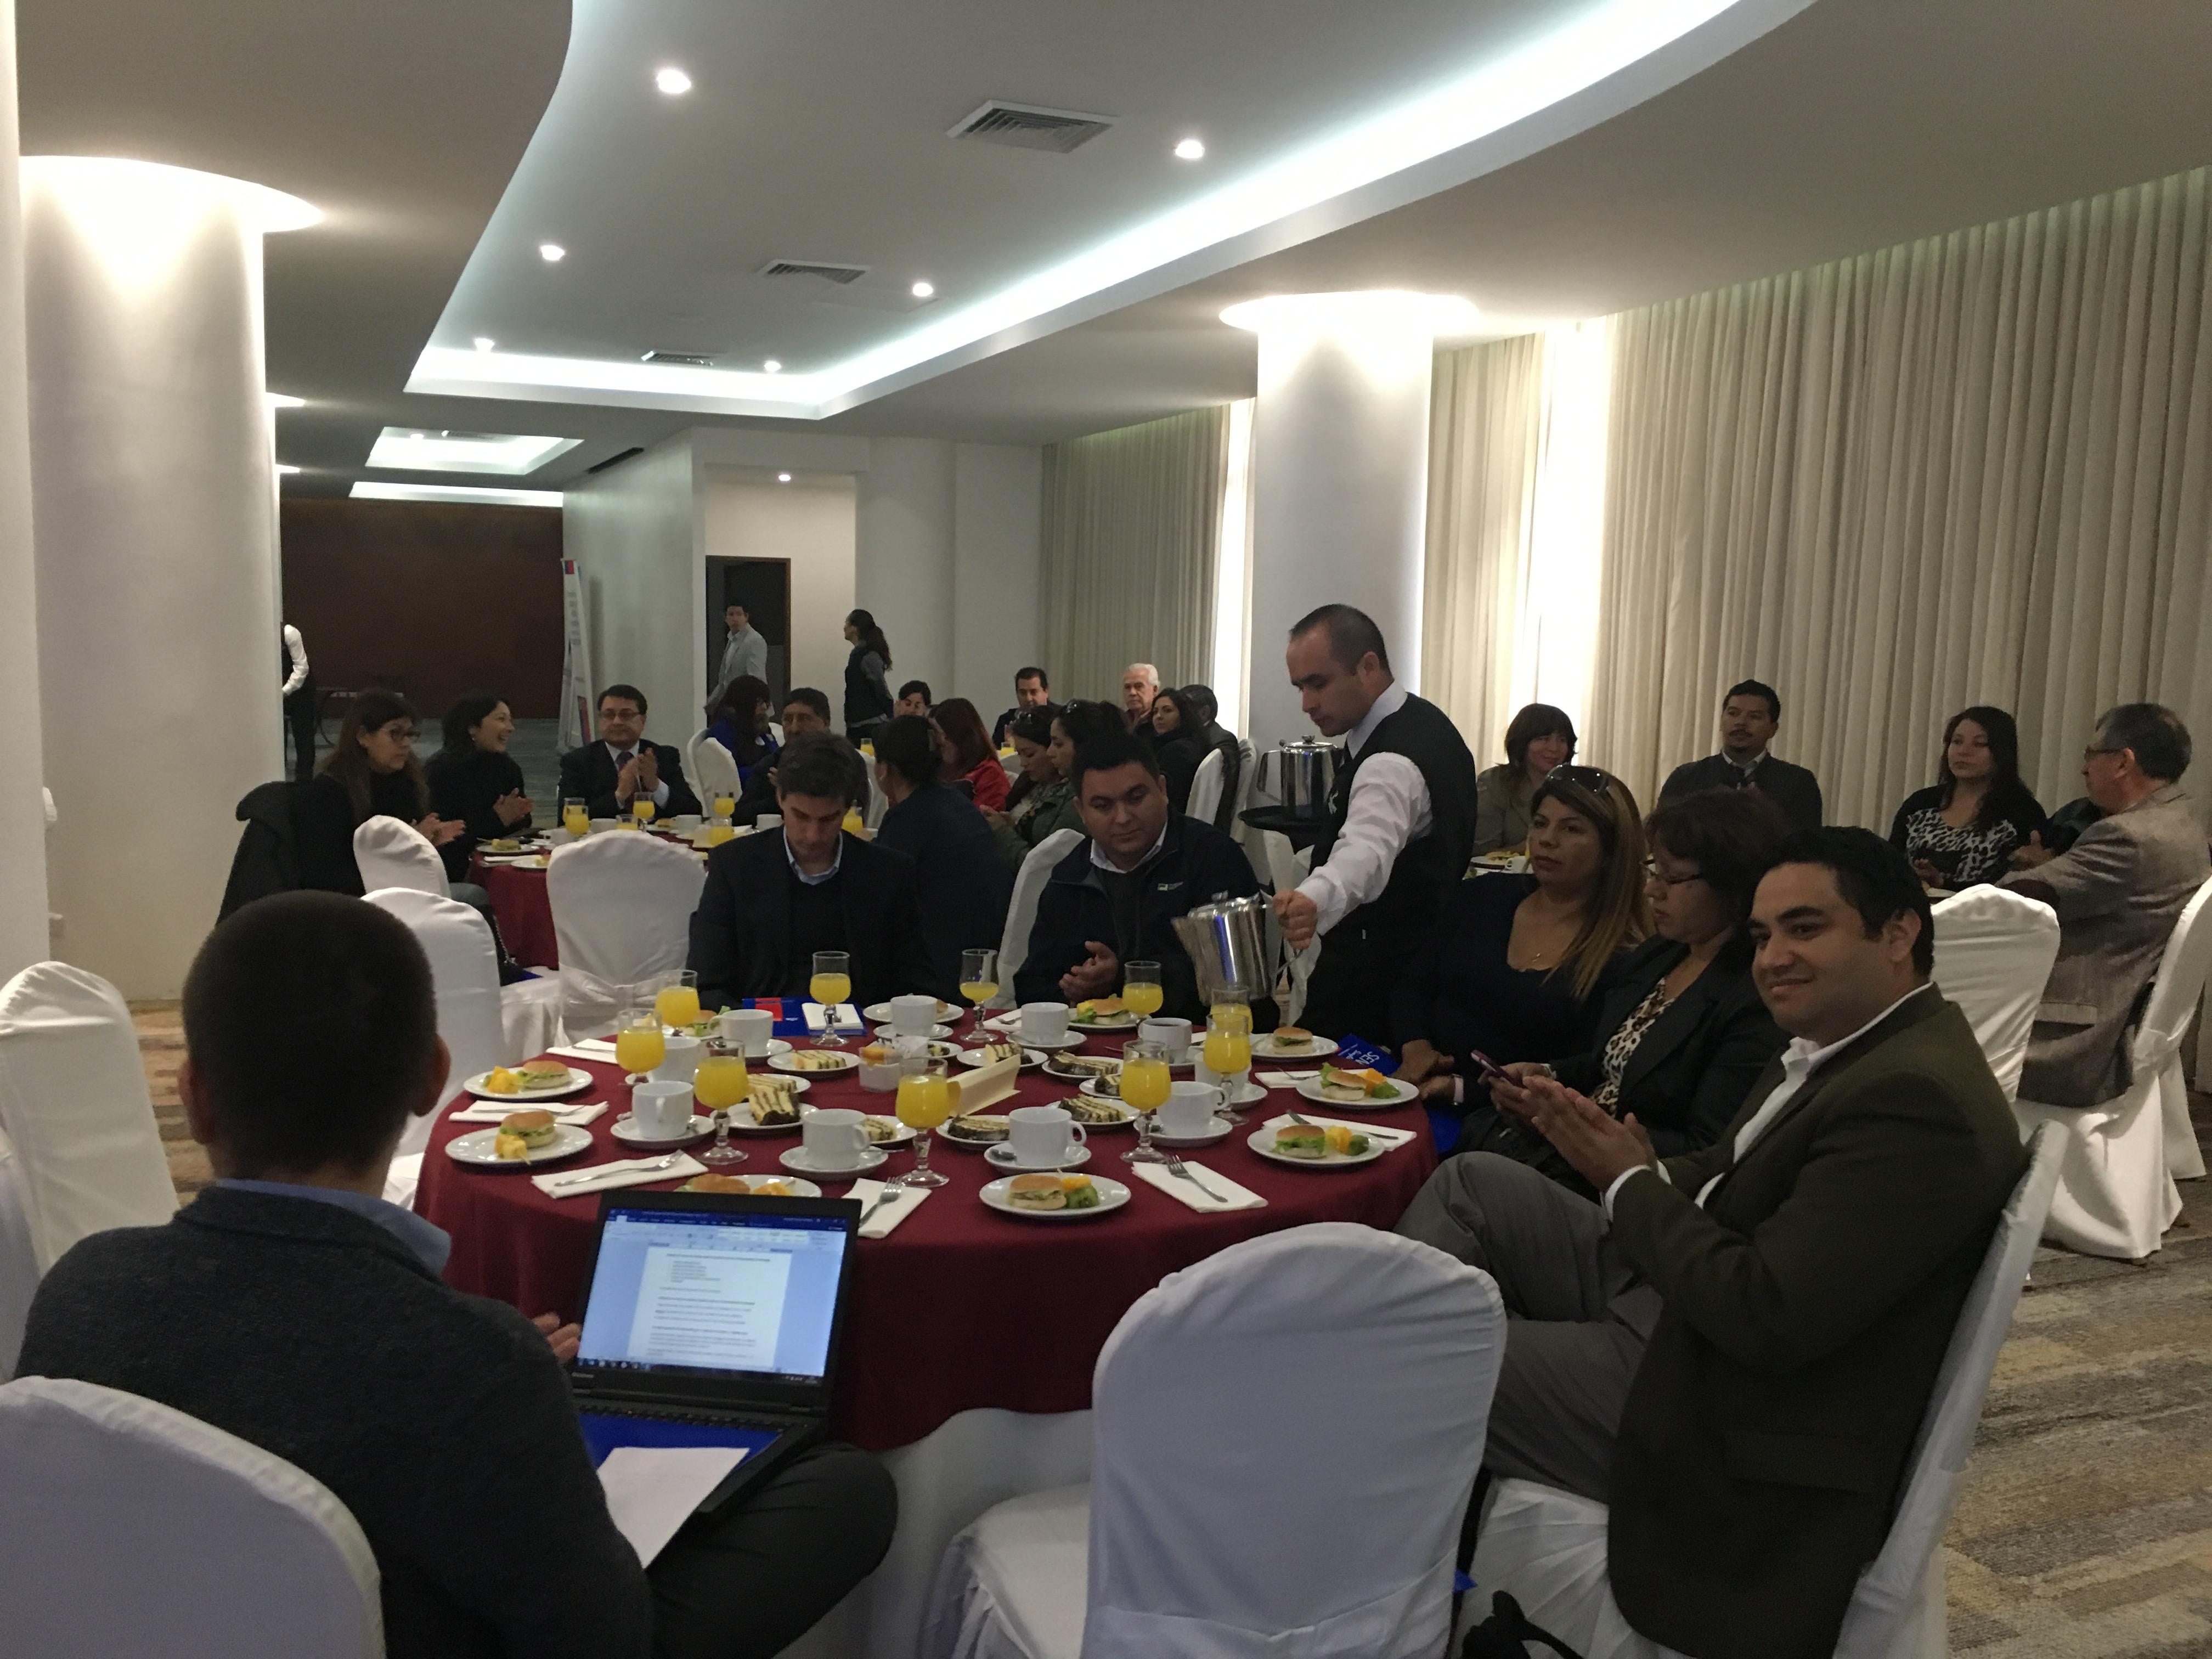 """Subdirectora del Sence en Antofagasta: """"Mejorar las competencias e implementar mayores oportunidades en empleabilidad es nuestro objetivo"""""""